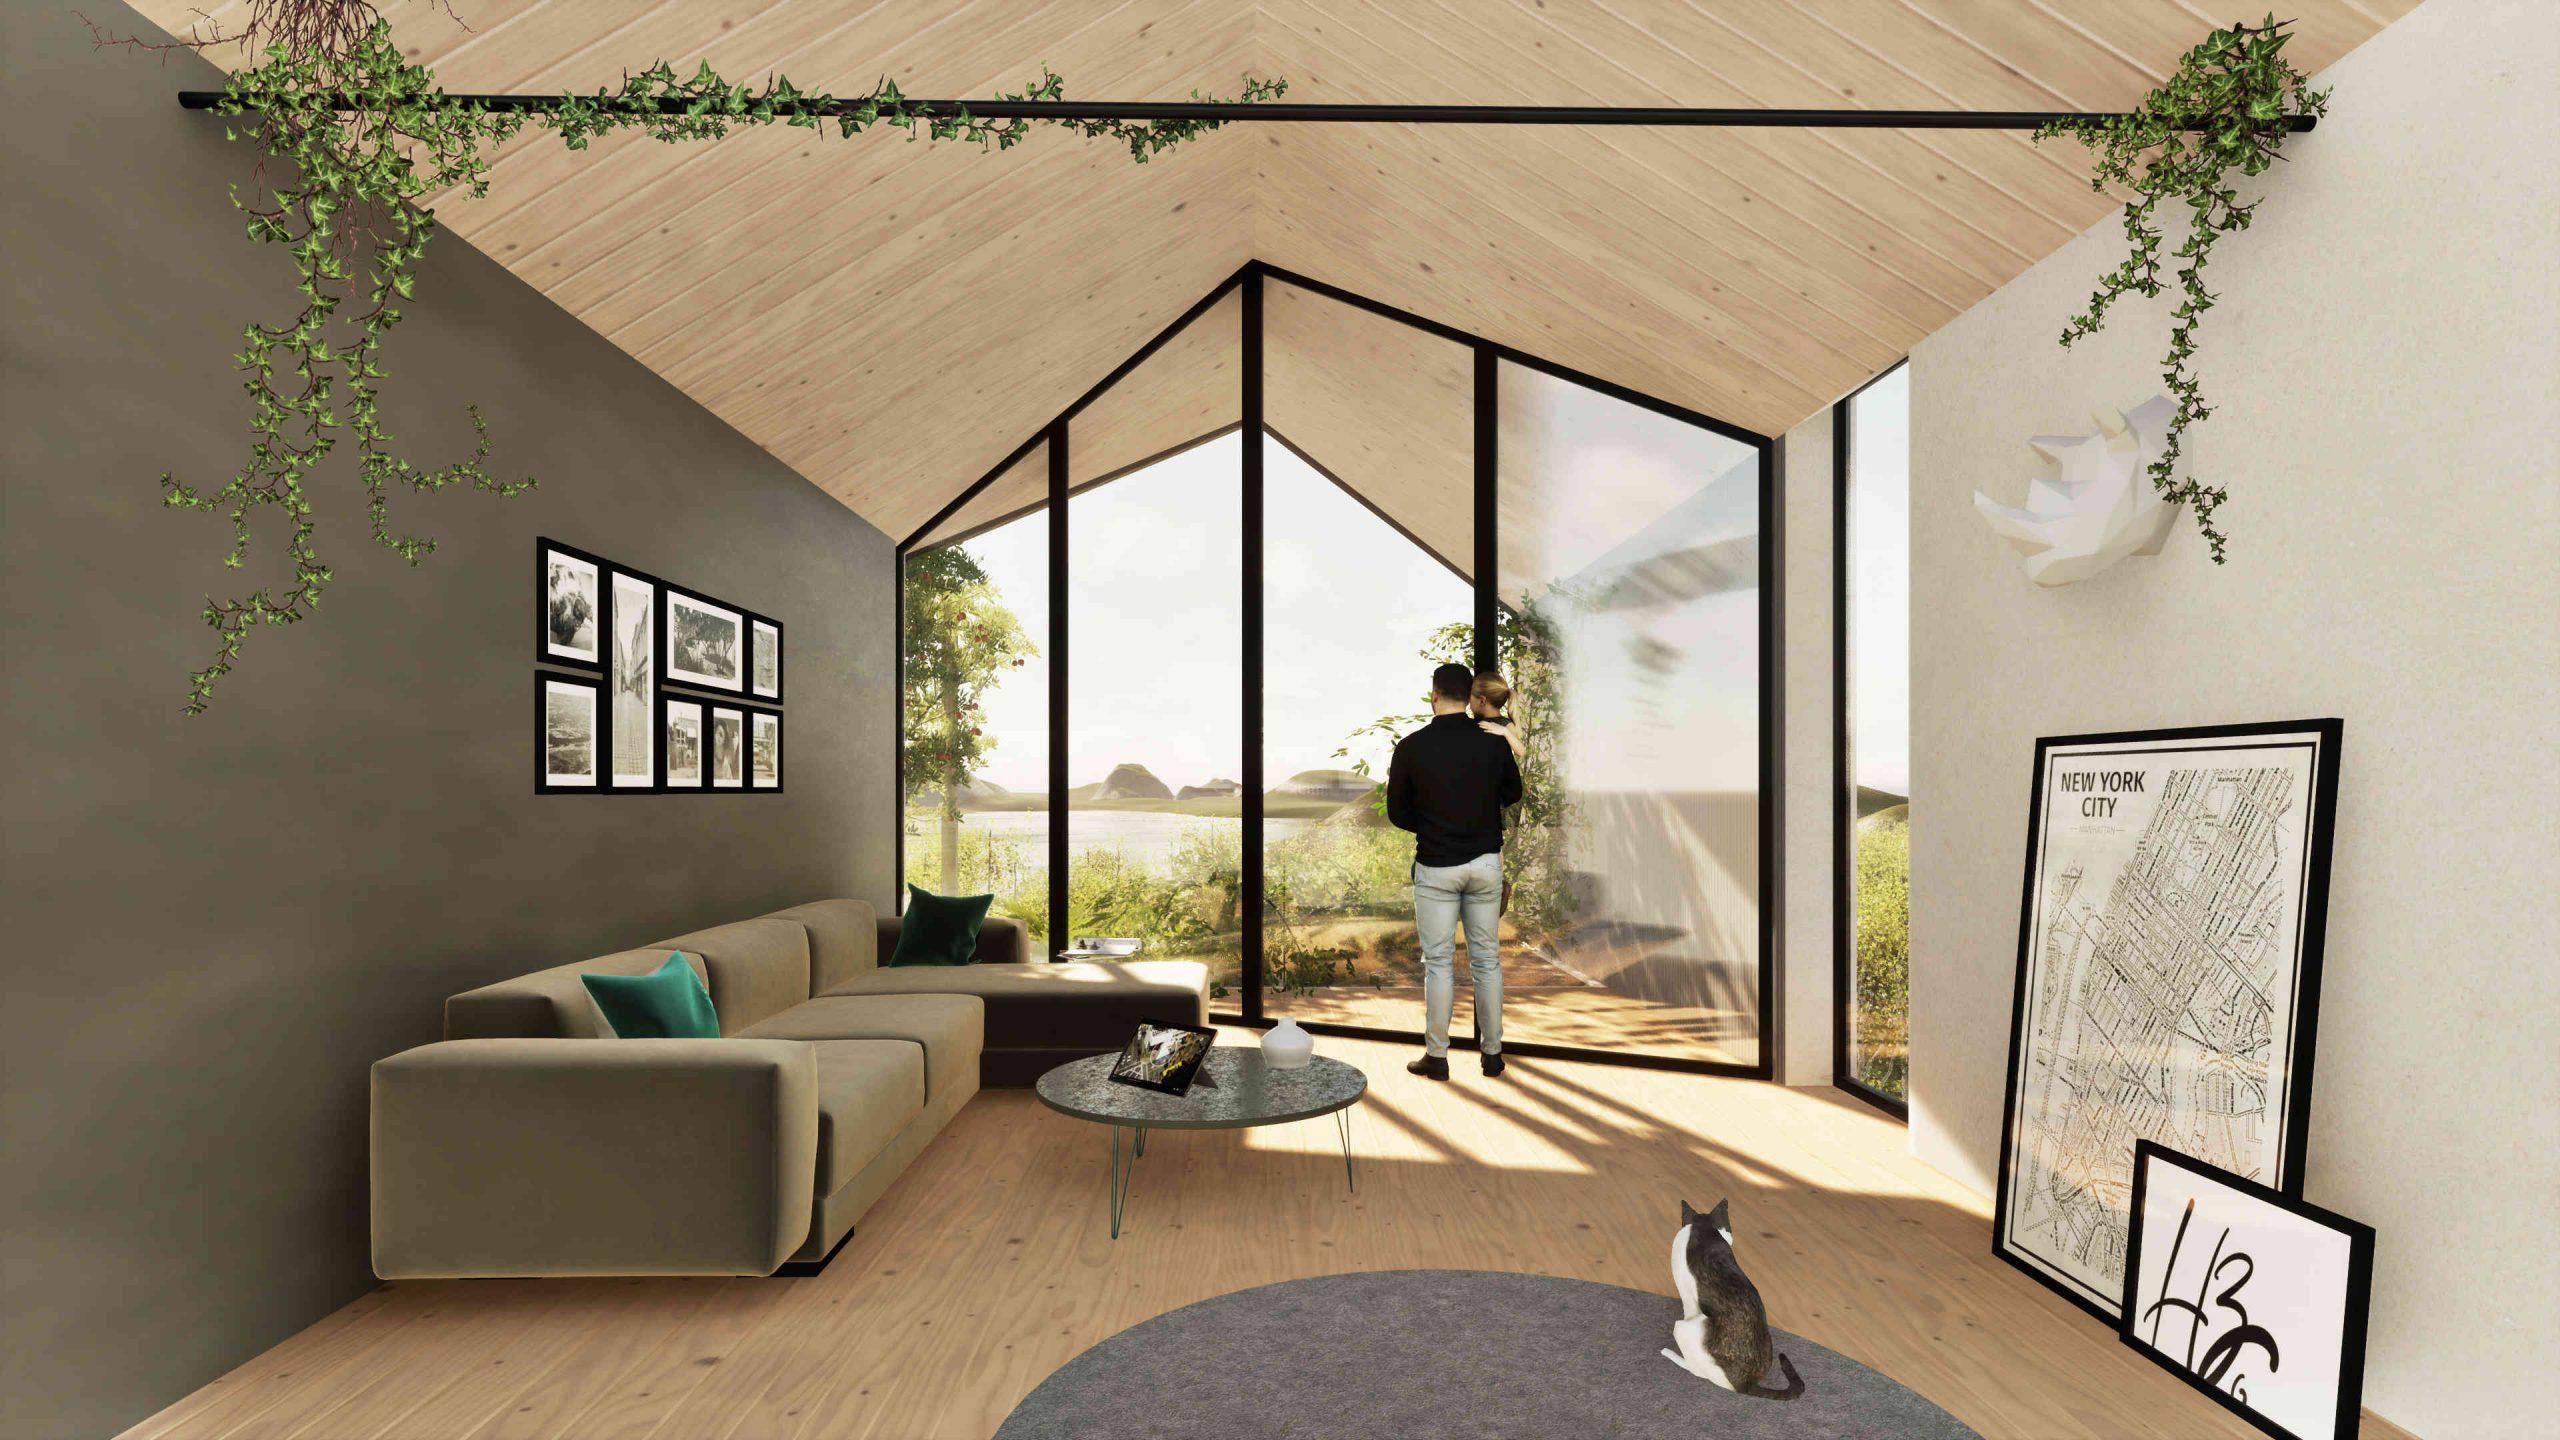 HIVE Project - Leben im Bienenstockhaus